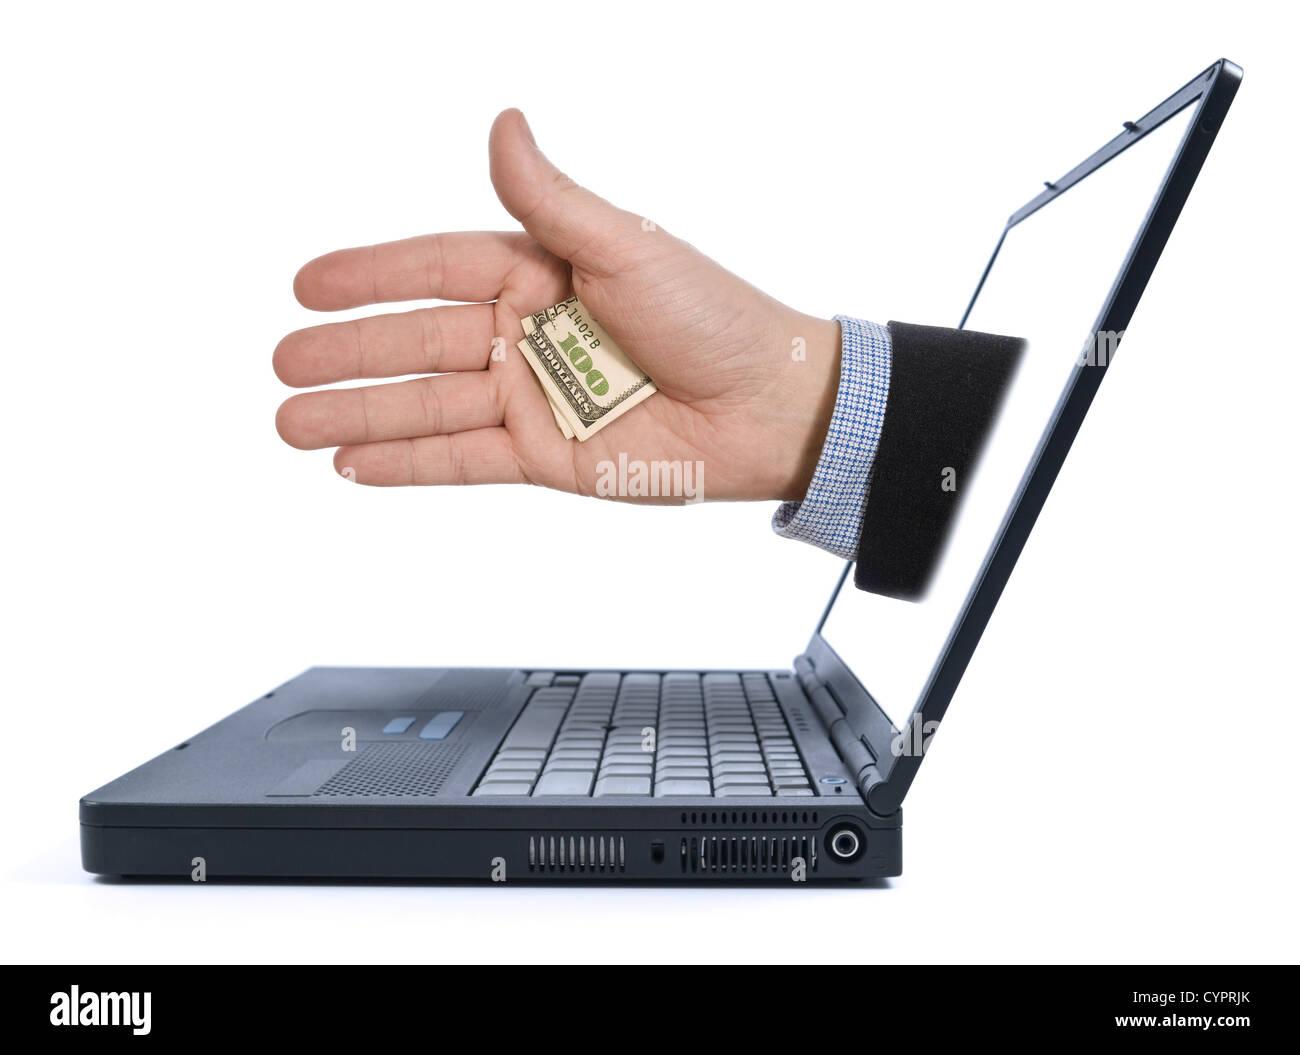 Aus dem Laptop-Bildschirm erscheint eine Hand mit einer versteckten Spitze. Stockbild